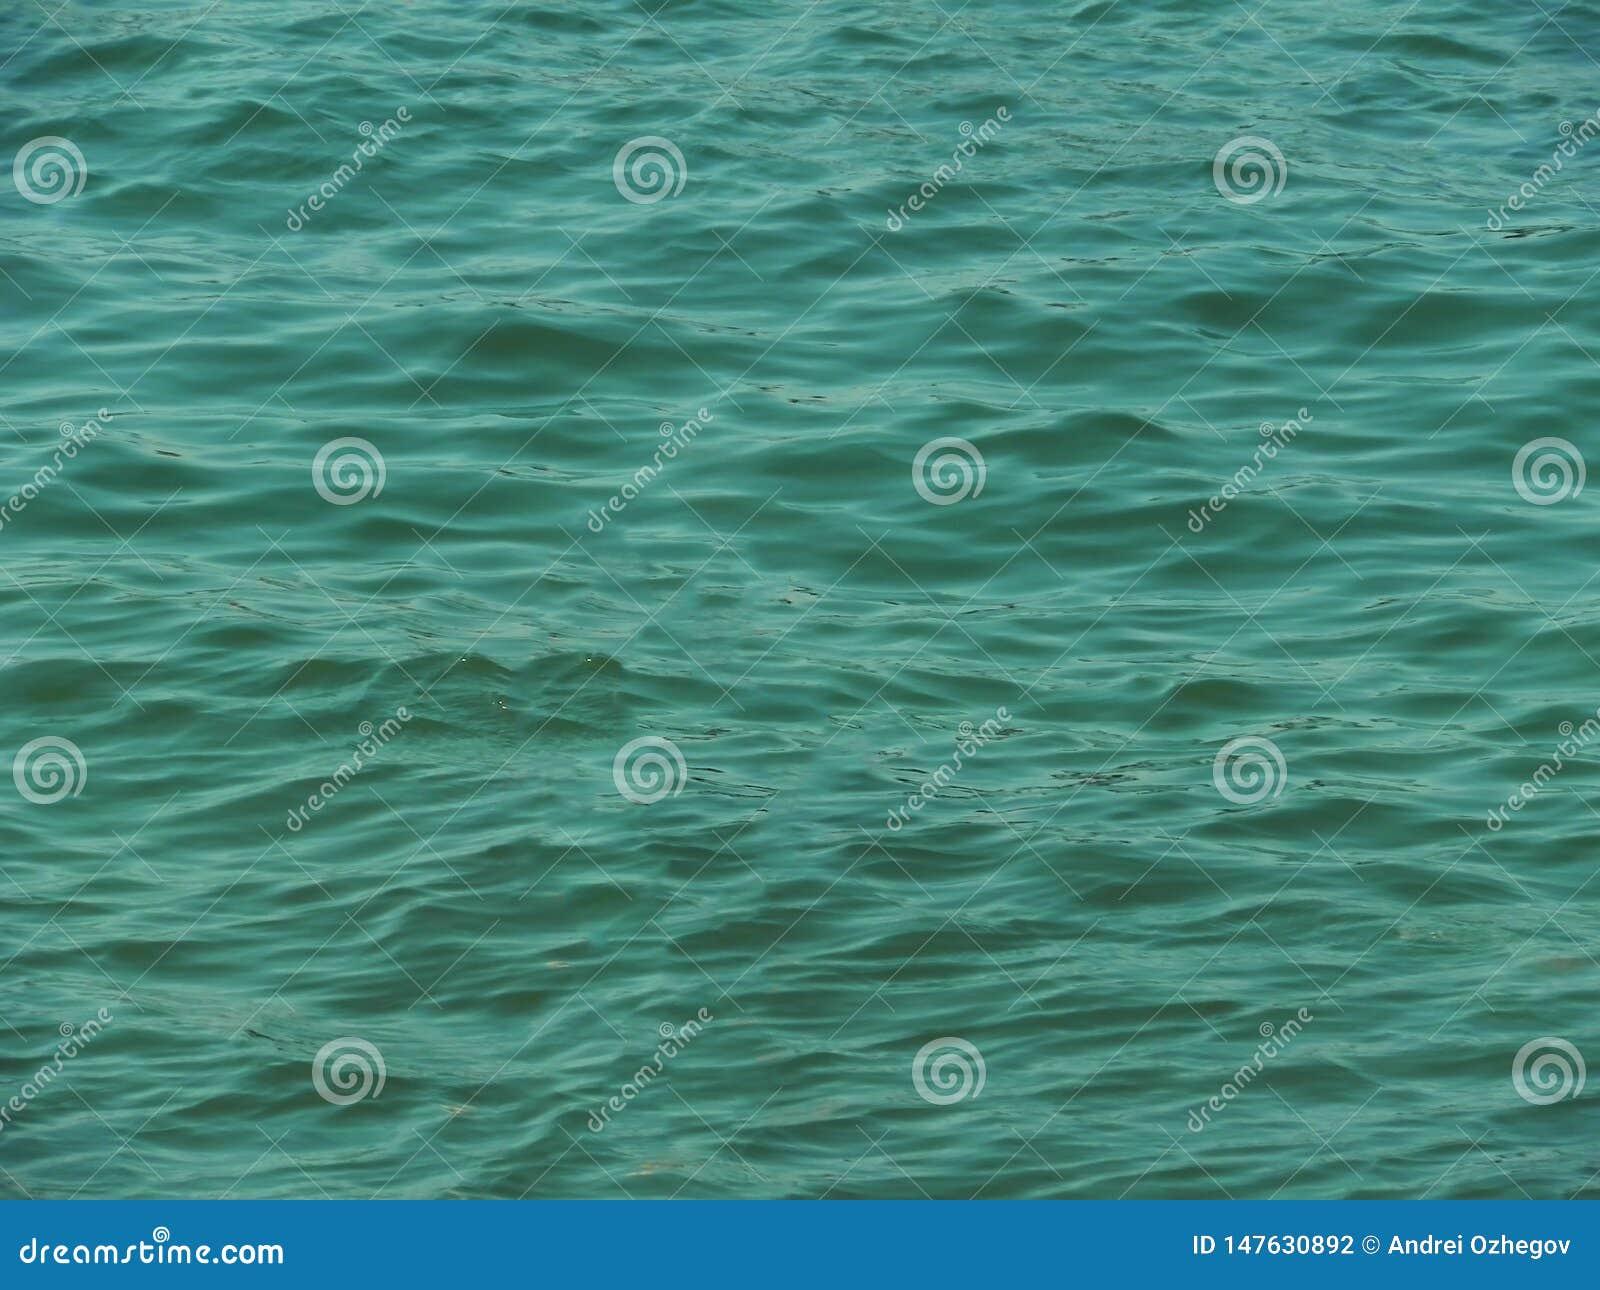 Κύματα ‹â€ ‹, τυρκουάζ νερό θάλασσας â€,